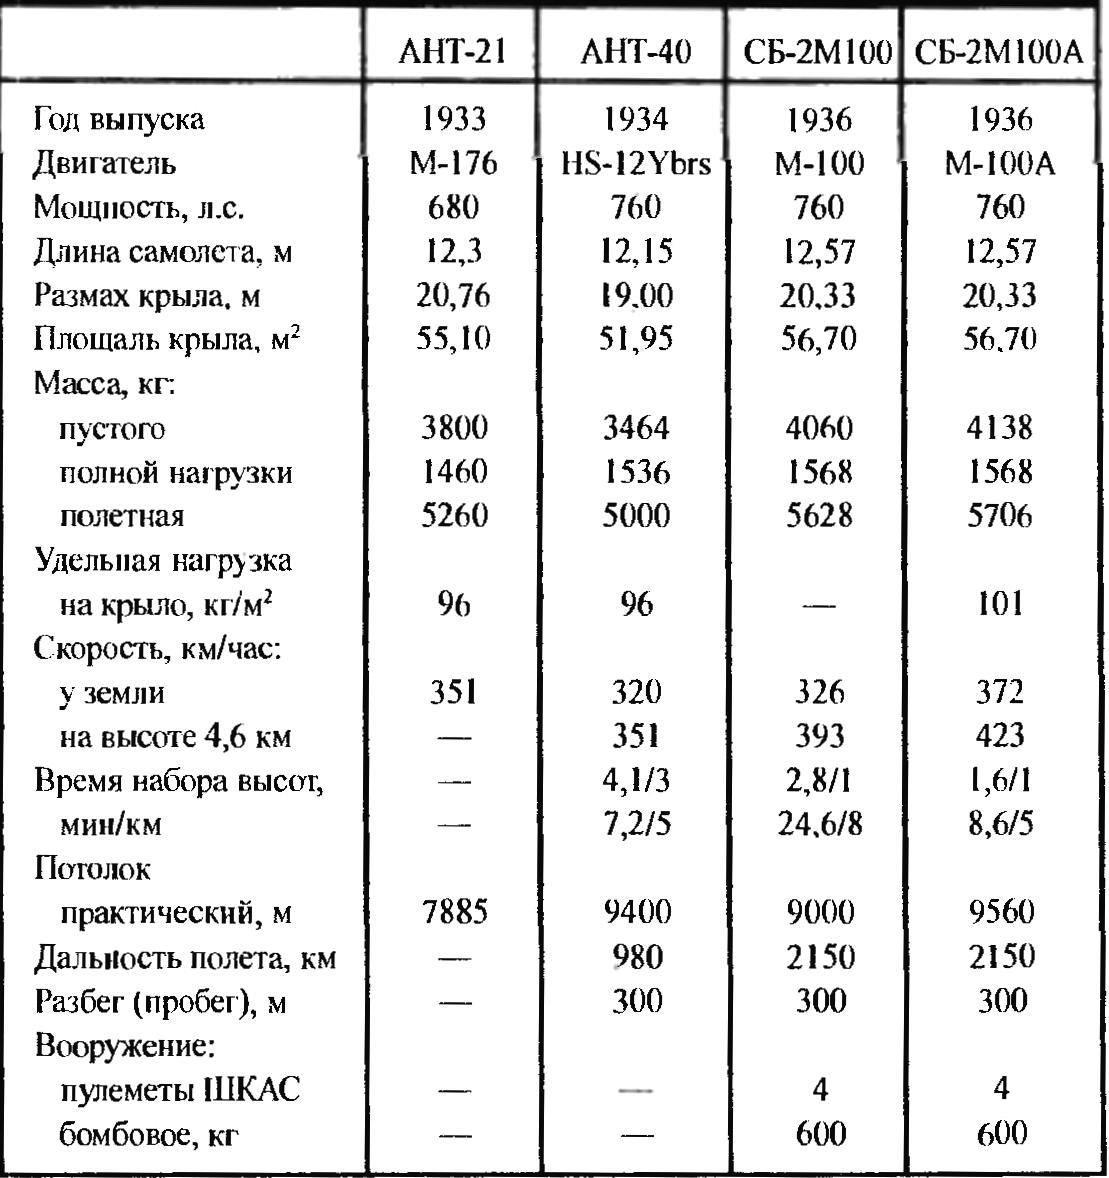 Основные ЛТХ прототипов и серийных самолетов СБ